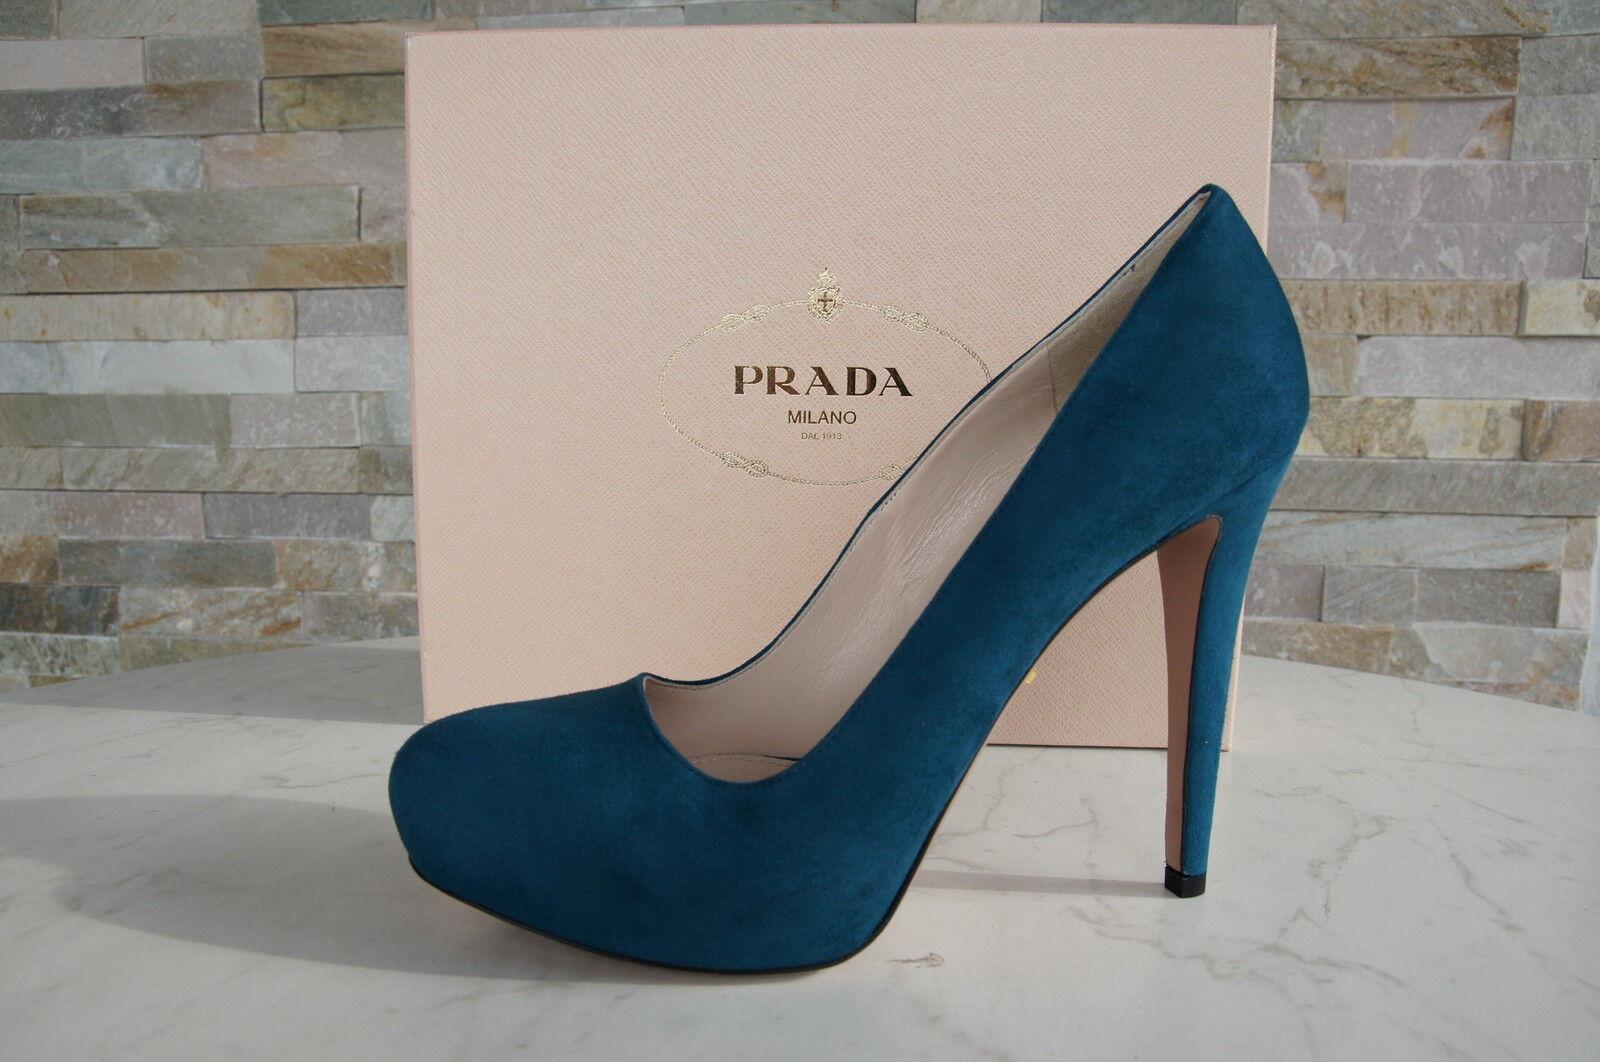 Luxury PRADA Dimensione 38 Pompe Piattaforma  High Heels Scarpe Scarpe Nuova  vieni a scegliere il tuo stile sportivo